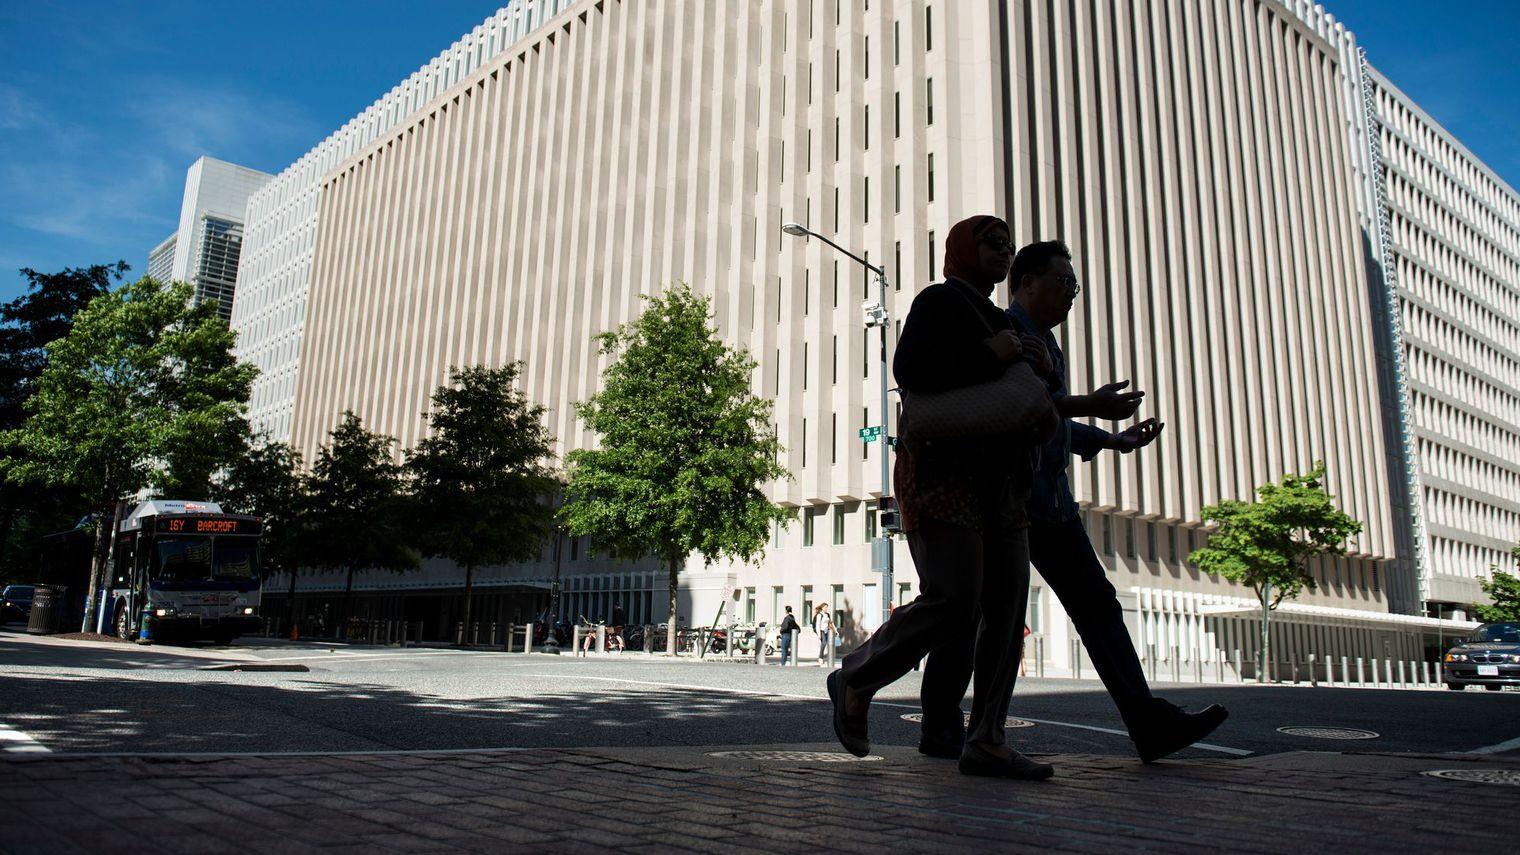 Locaux de la Banque mondiale. afp.com/BRENDAN SMIALOWSKI